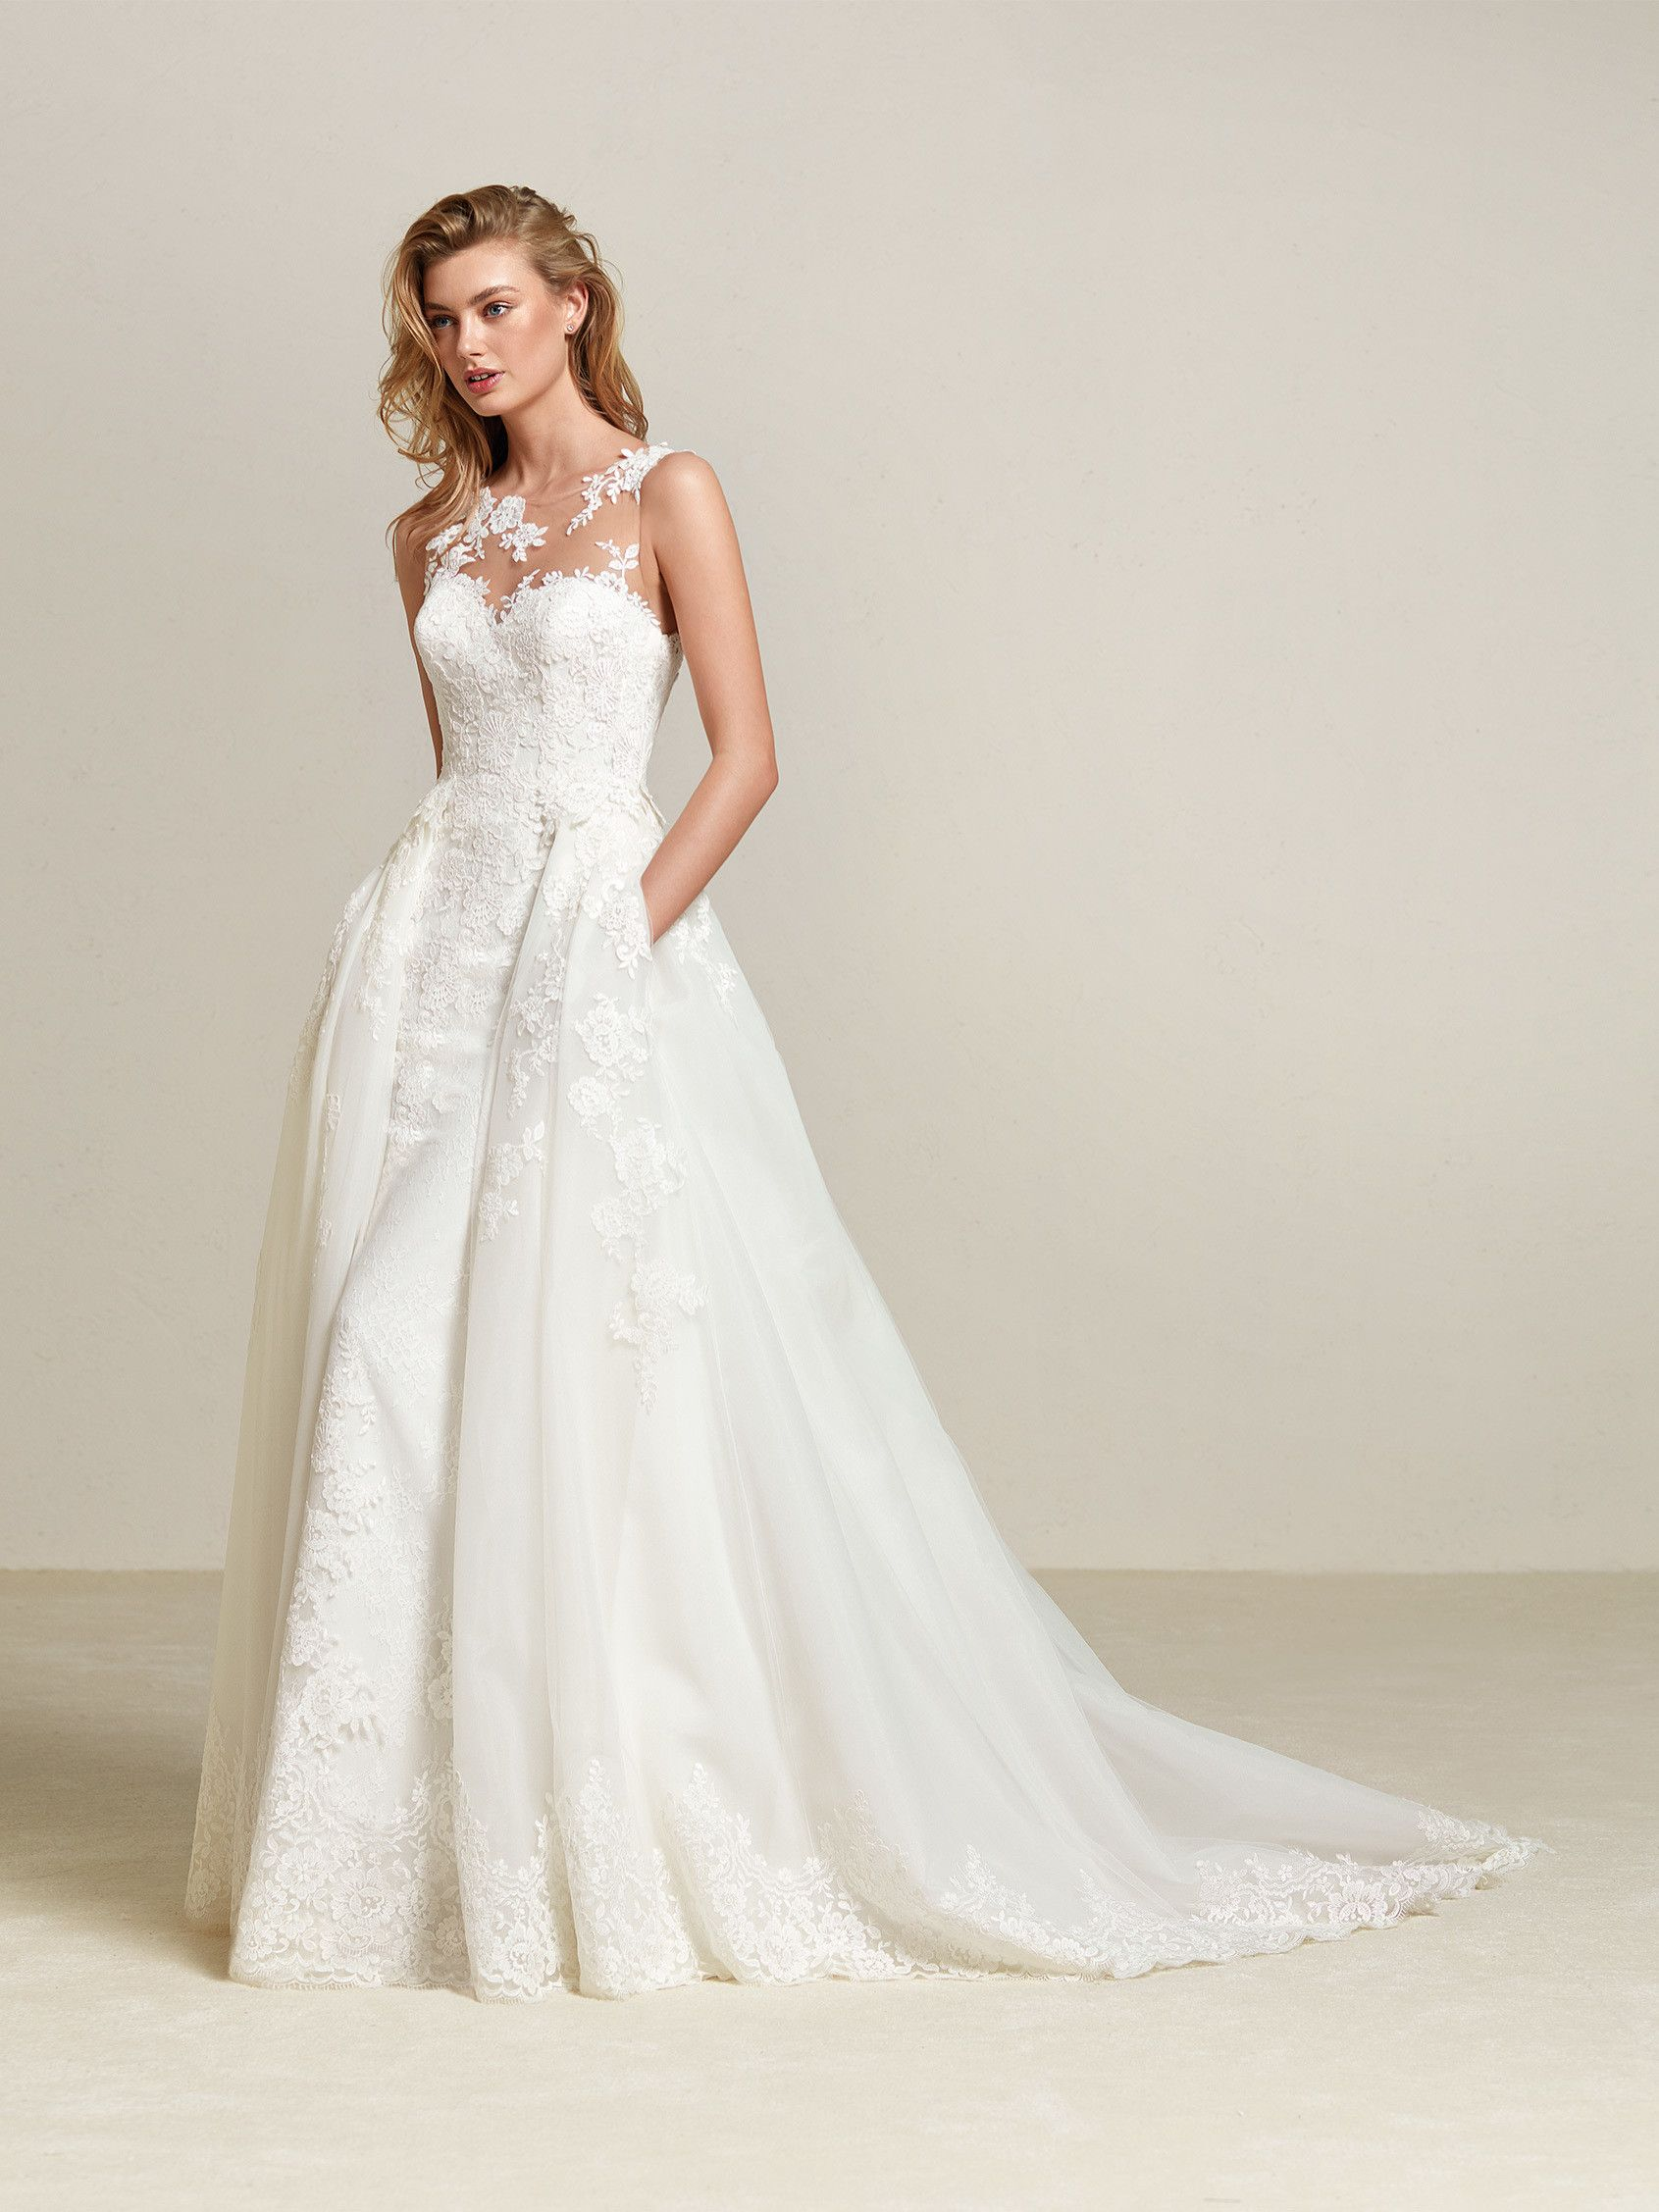 Платье DRUM коллекции #Pronovias13 в наличии! Верхняя юбка и